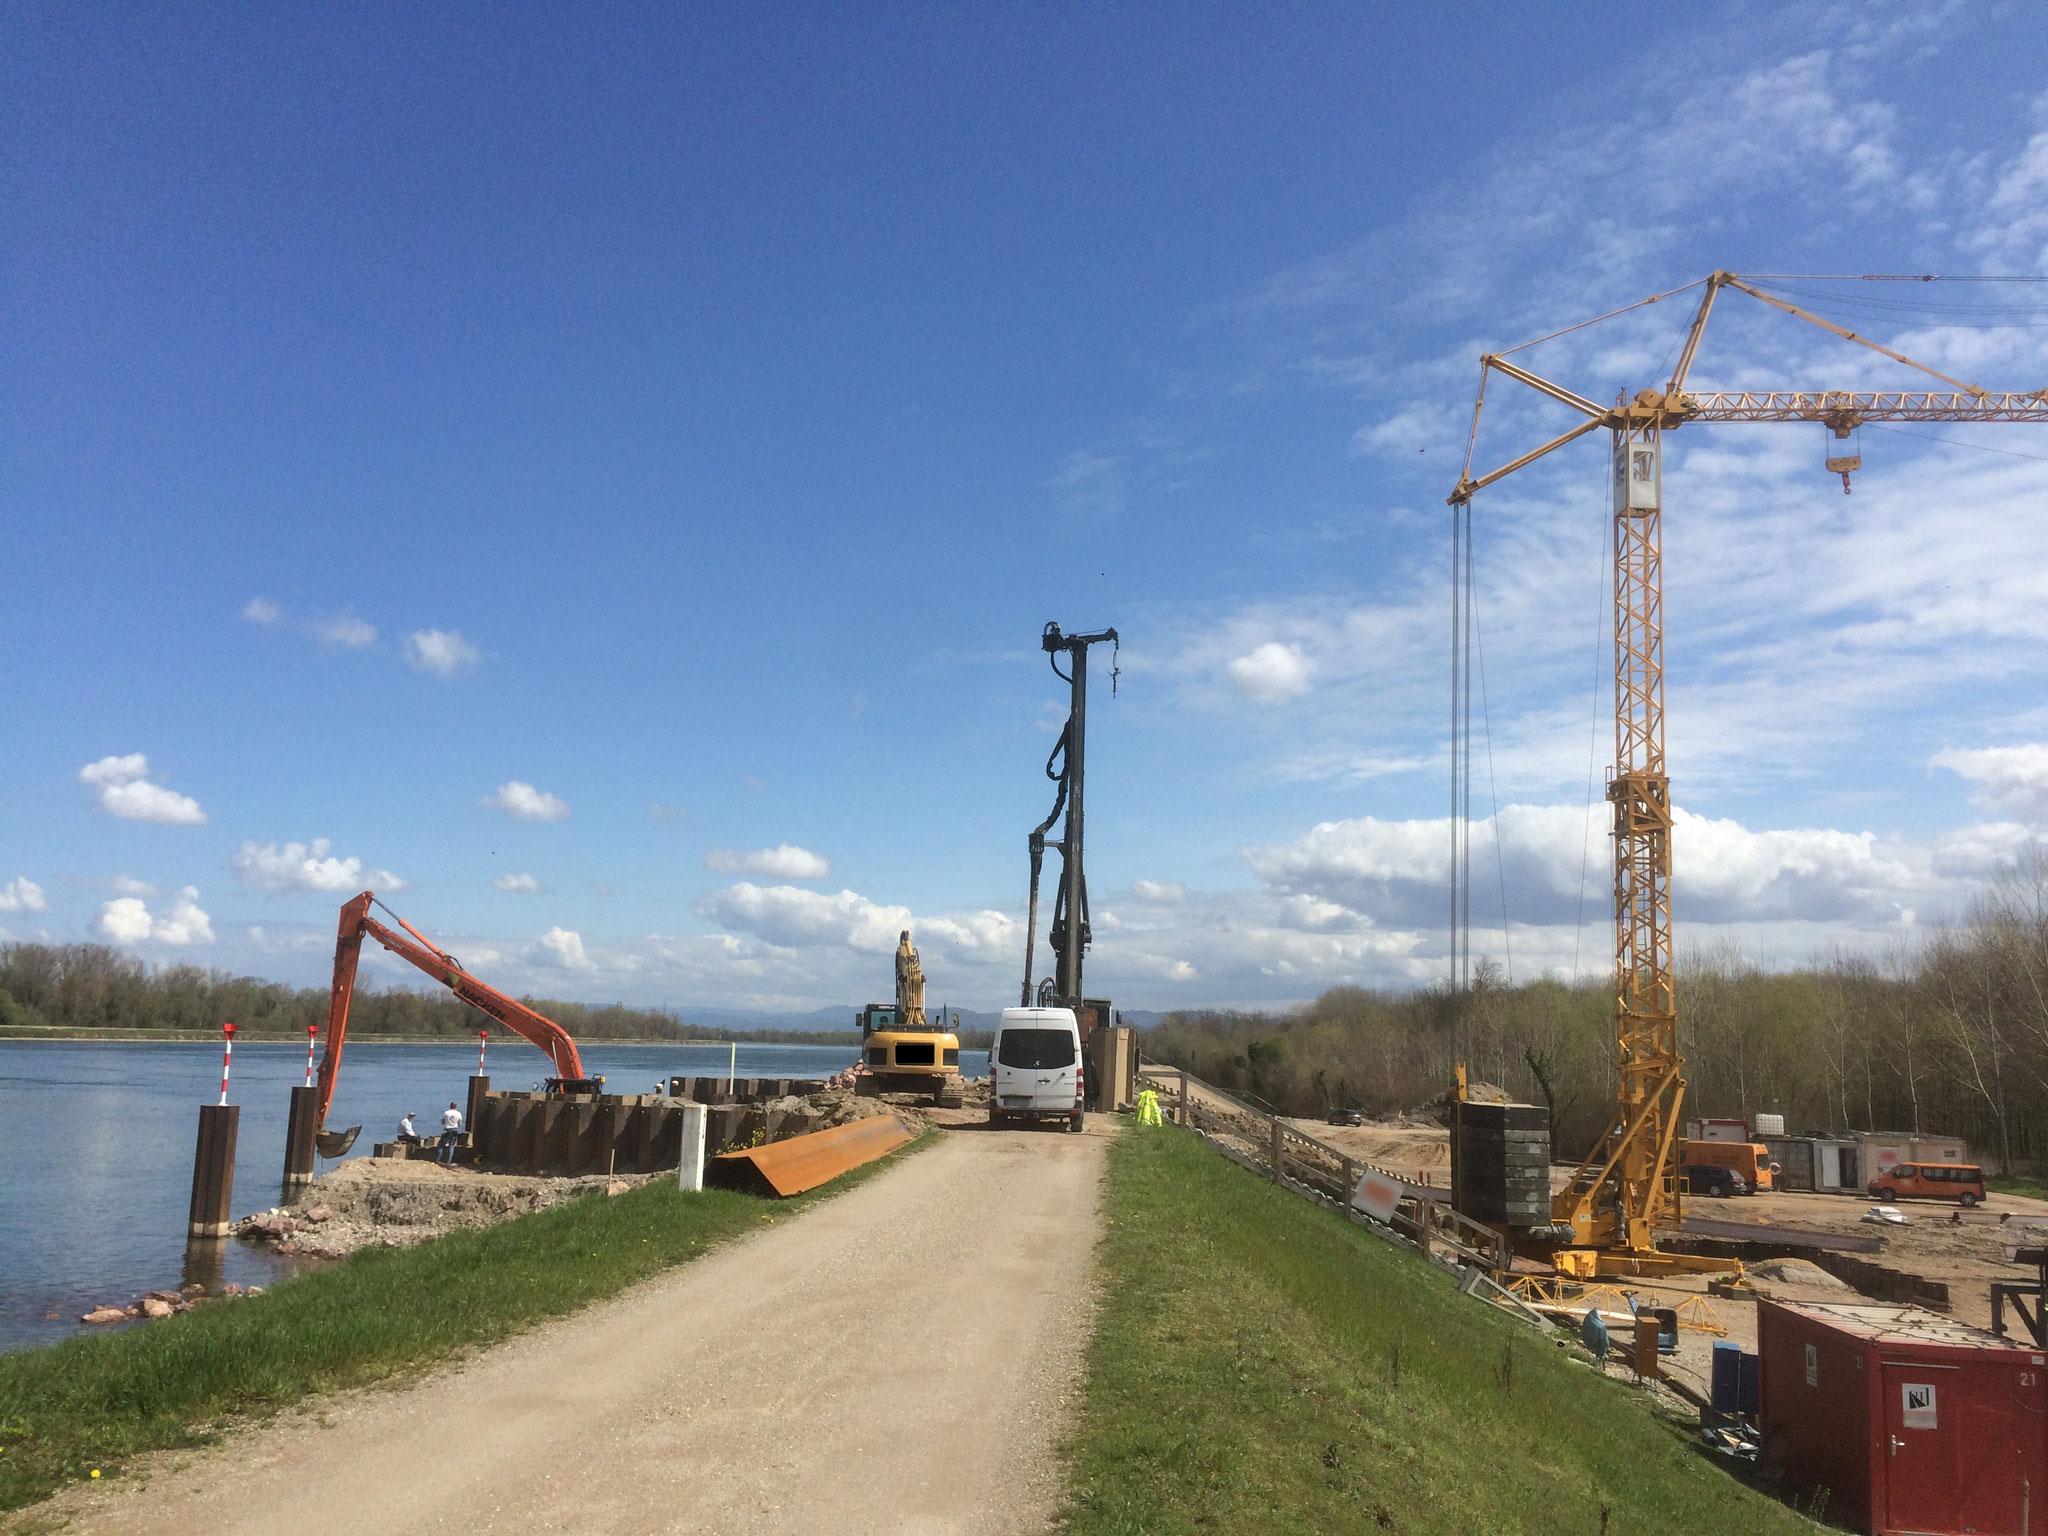 Der Kran mit seinen 8t Hubwerk wird zur Herstellung eines Einlaßbauwerks am Rhein benötigt.